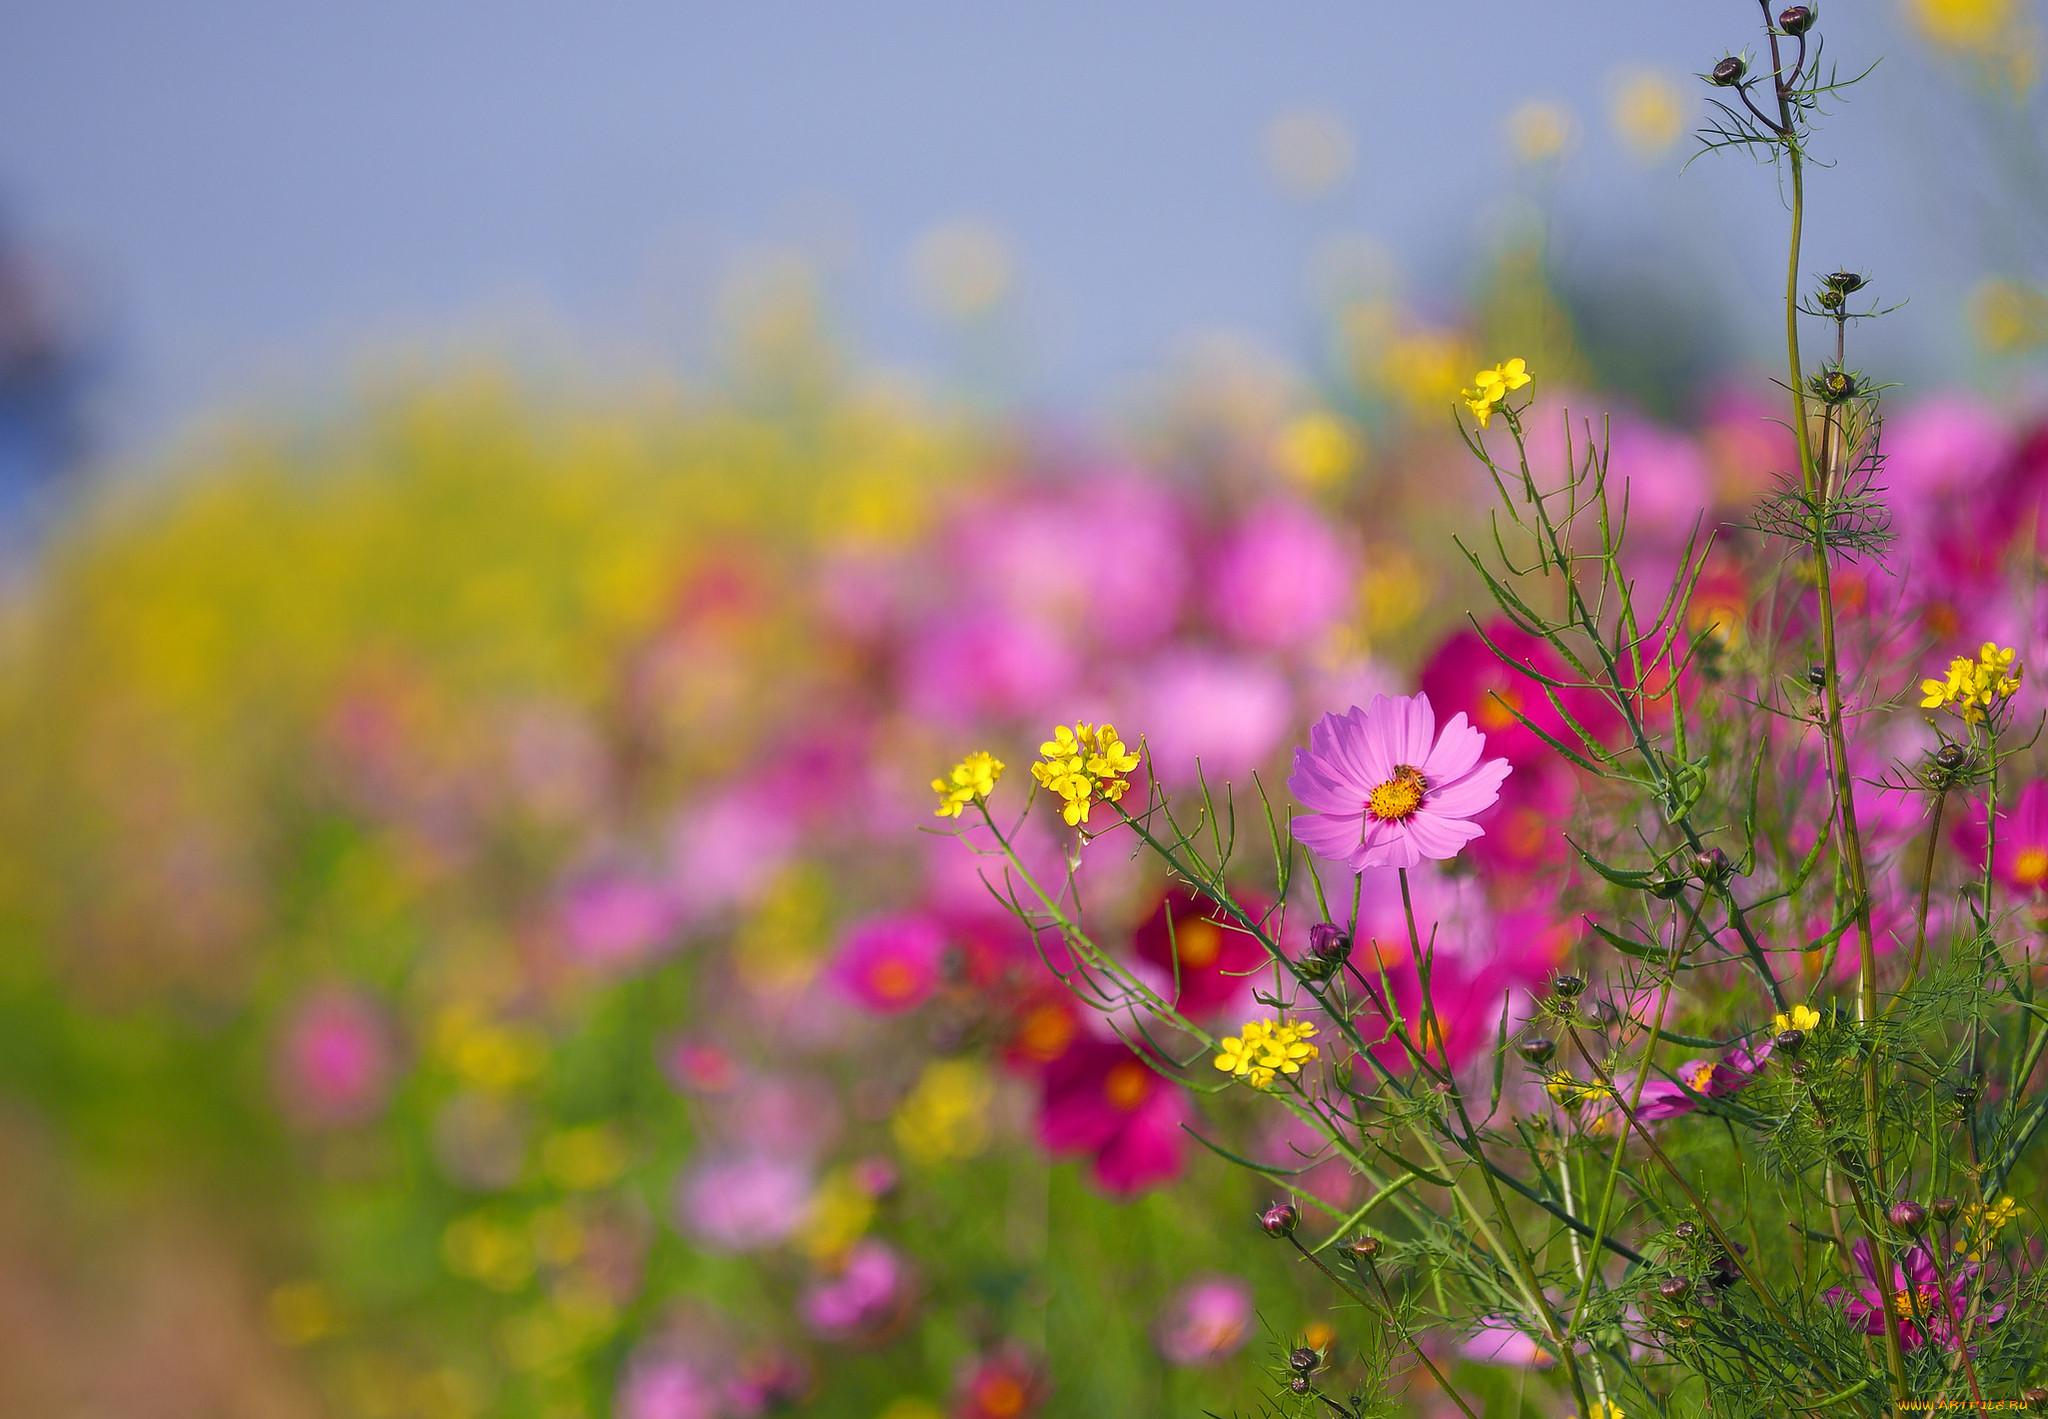 миндалины может фото картинки полевые цветы летом комментариях, какая